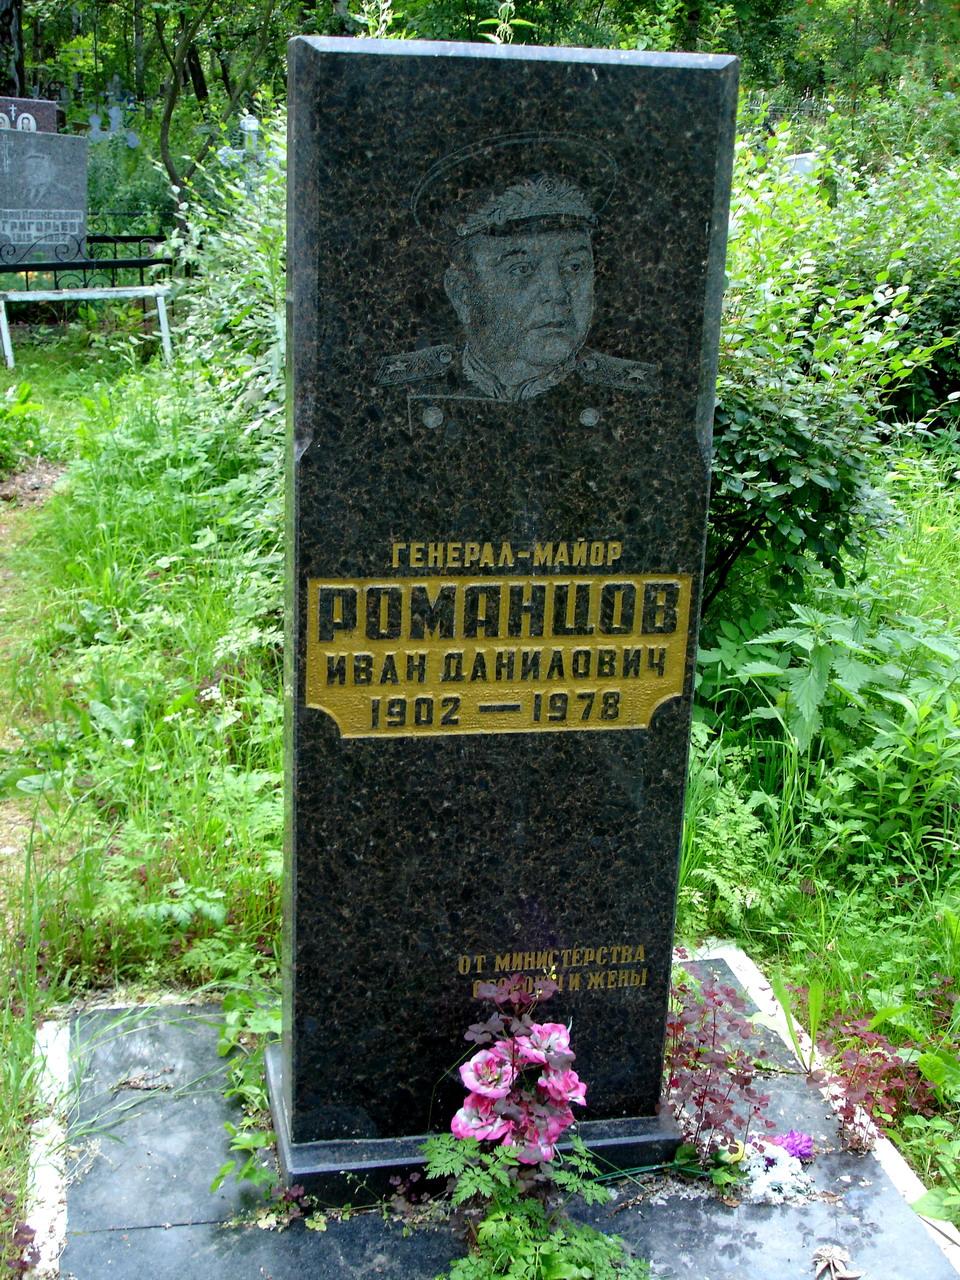 Могила Романцова И.Д. на Стрельнинском кладбище